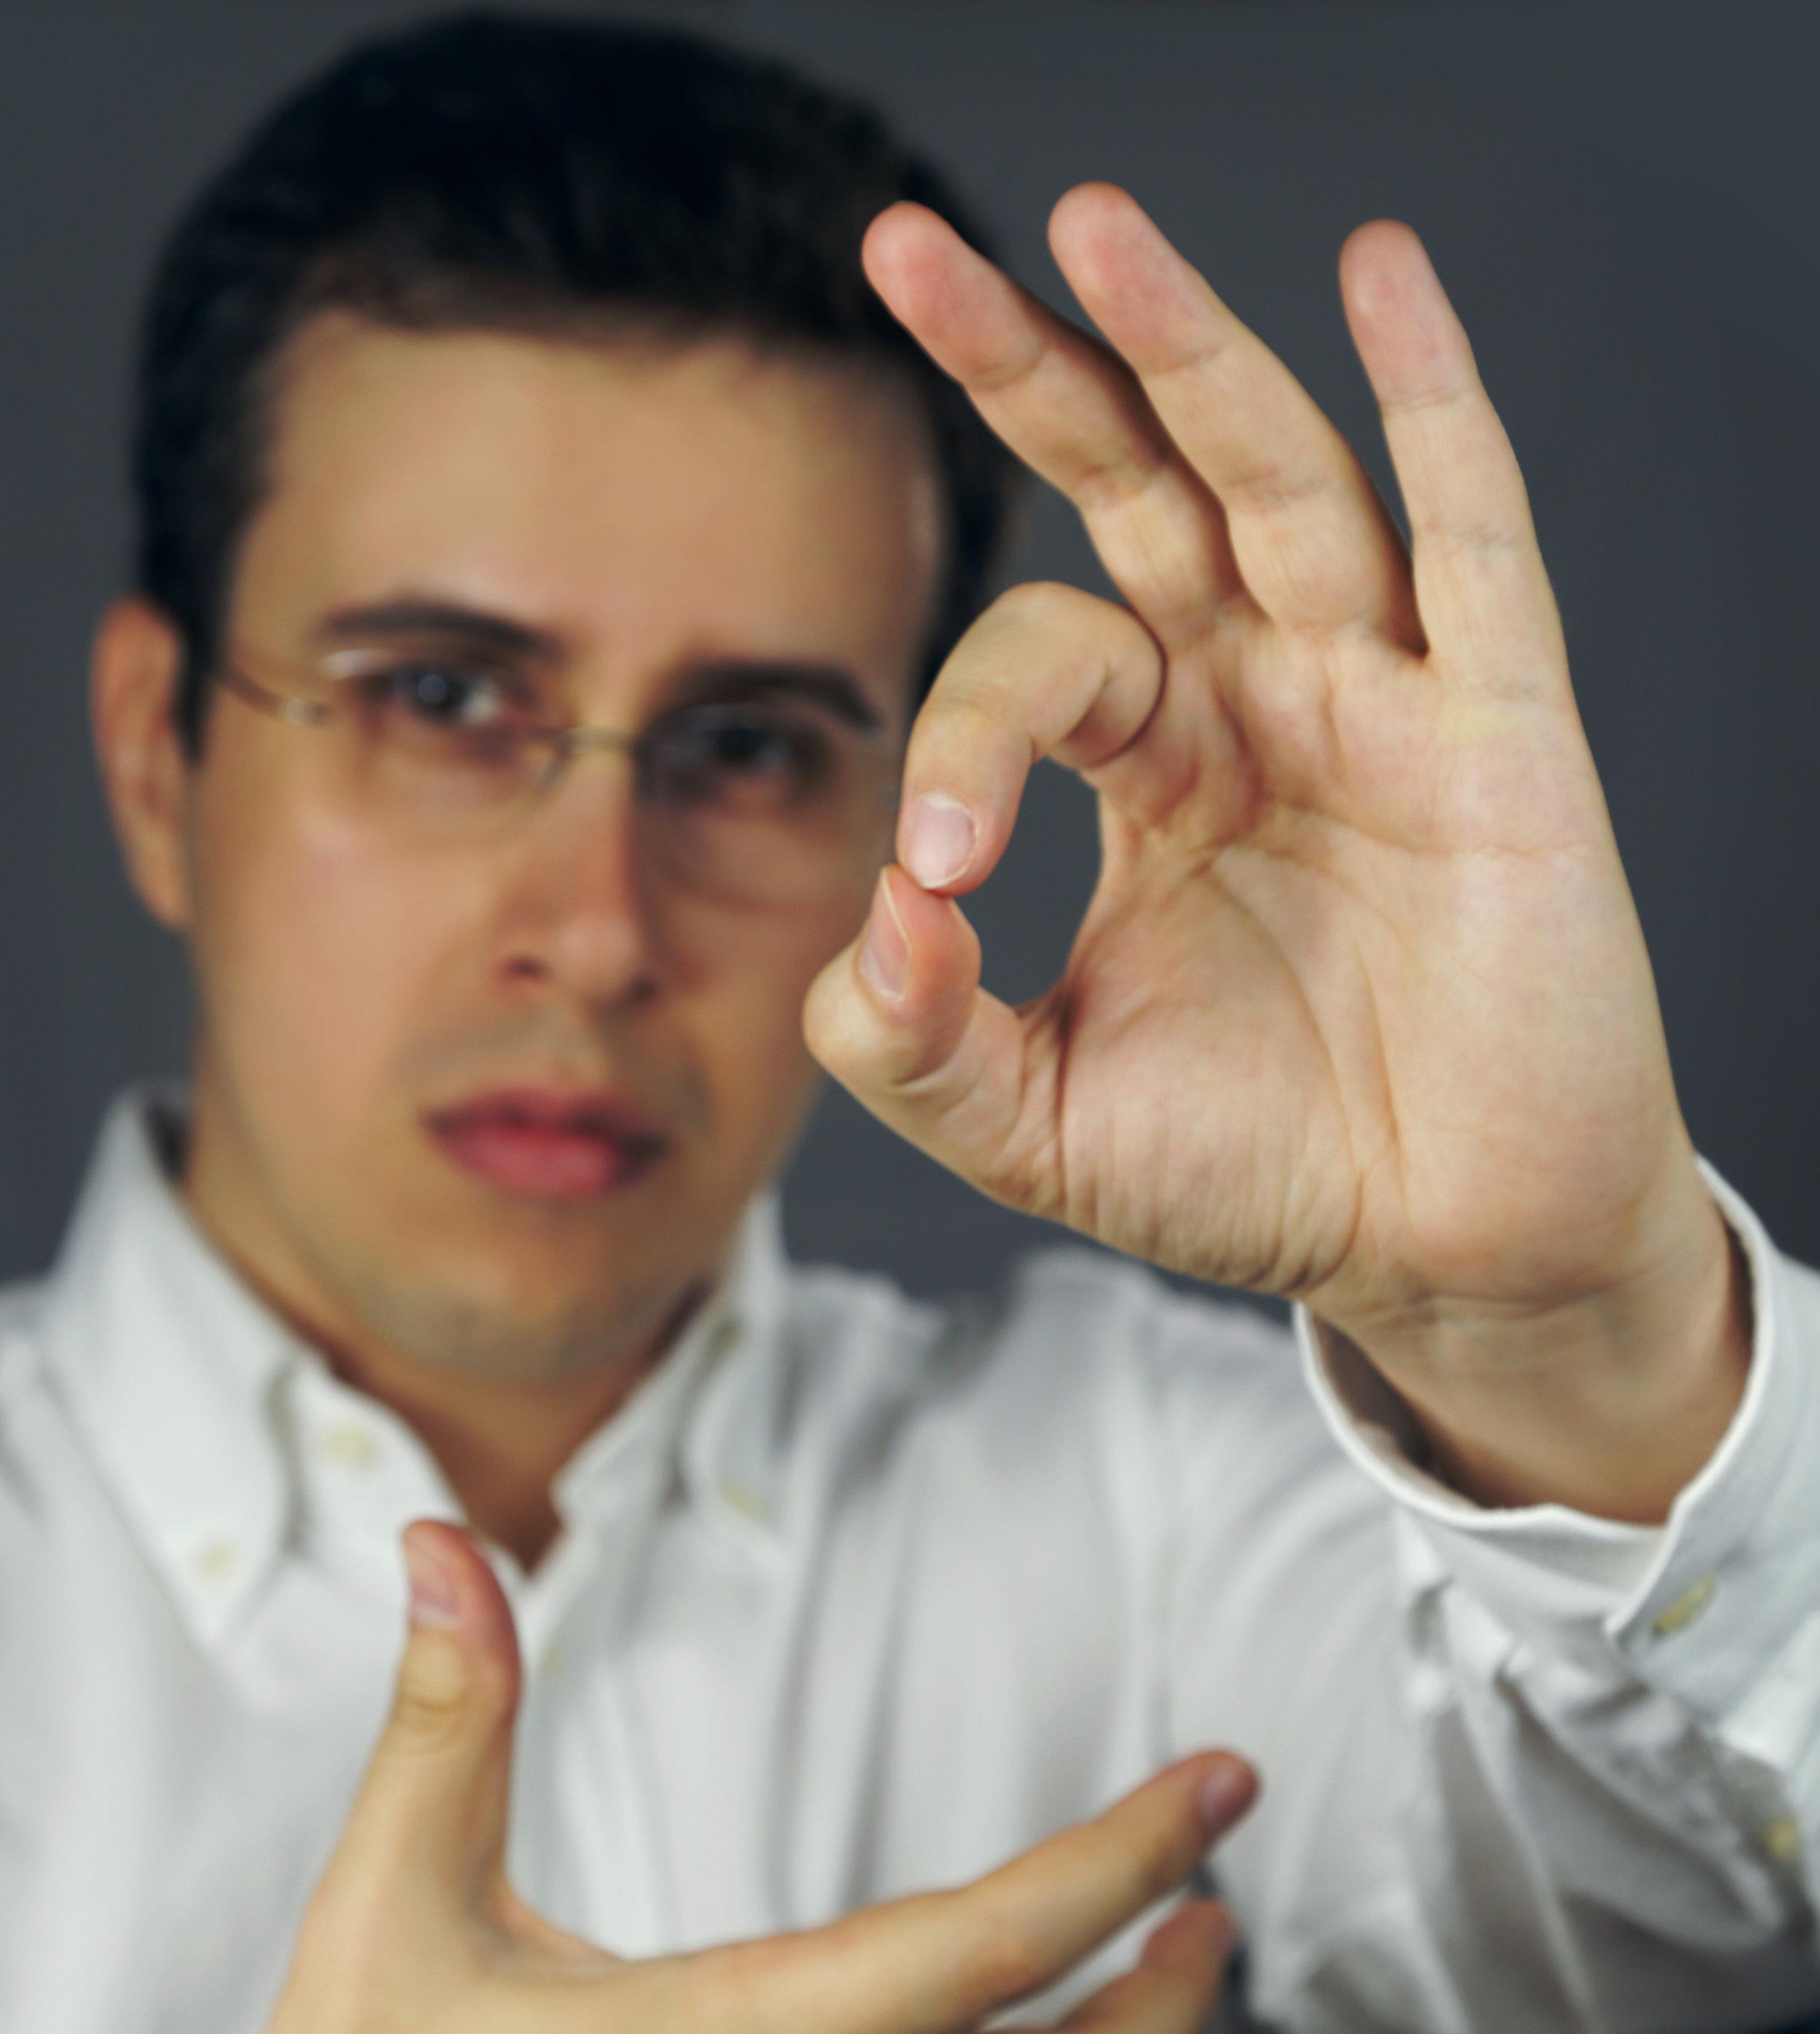 rafael piccolotto de lima hand conducting